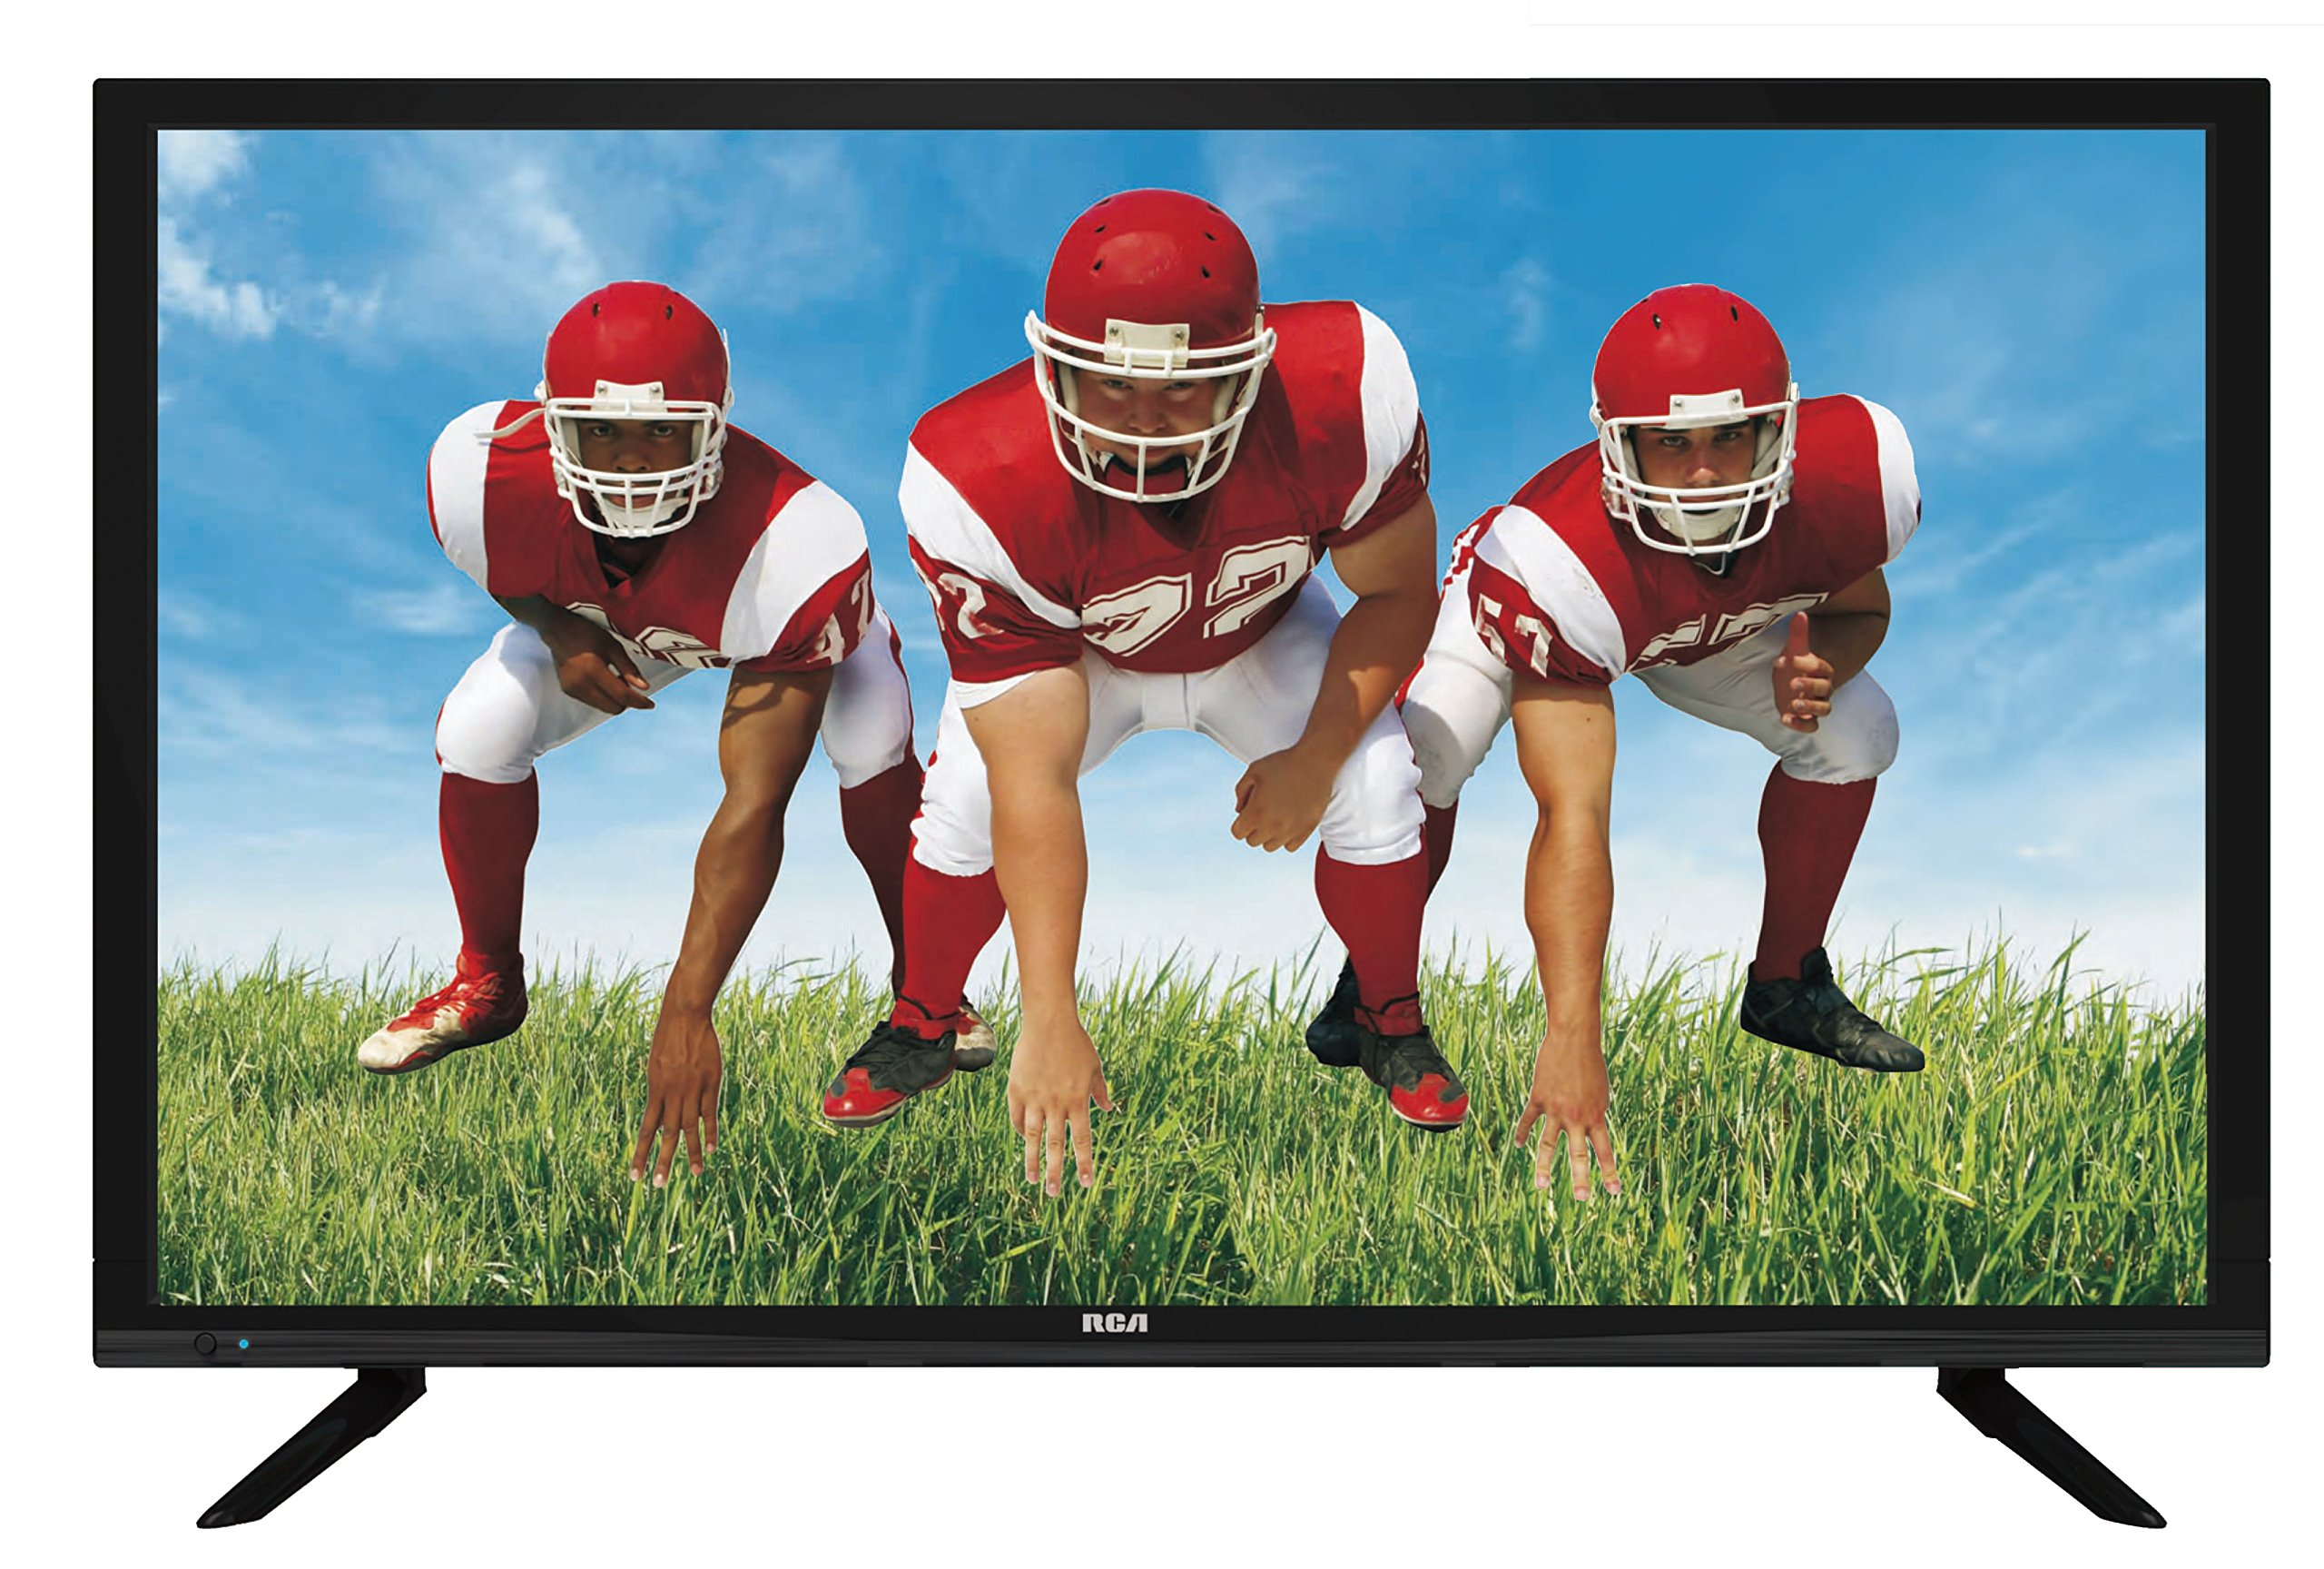 RCA LED24C45RQ 24-Inch 1080p 60Hz LED HDTV (Black)